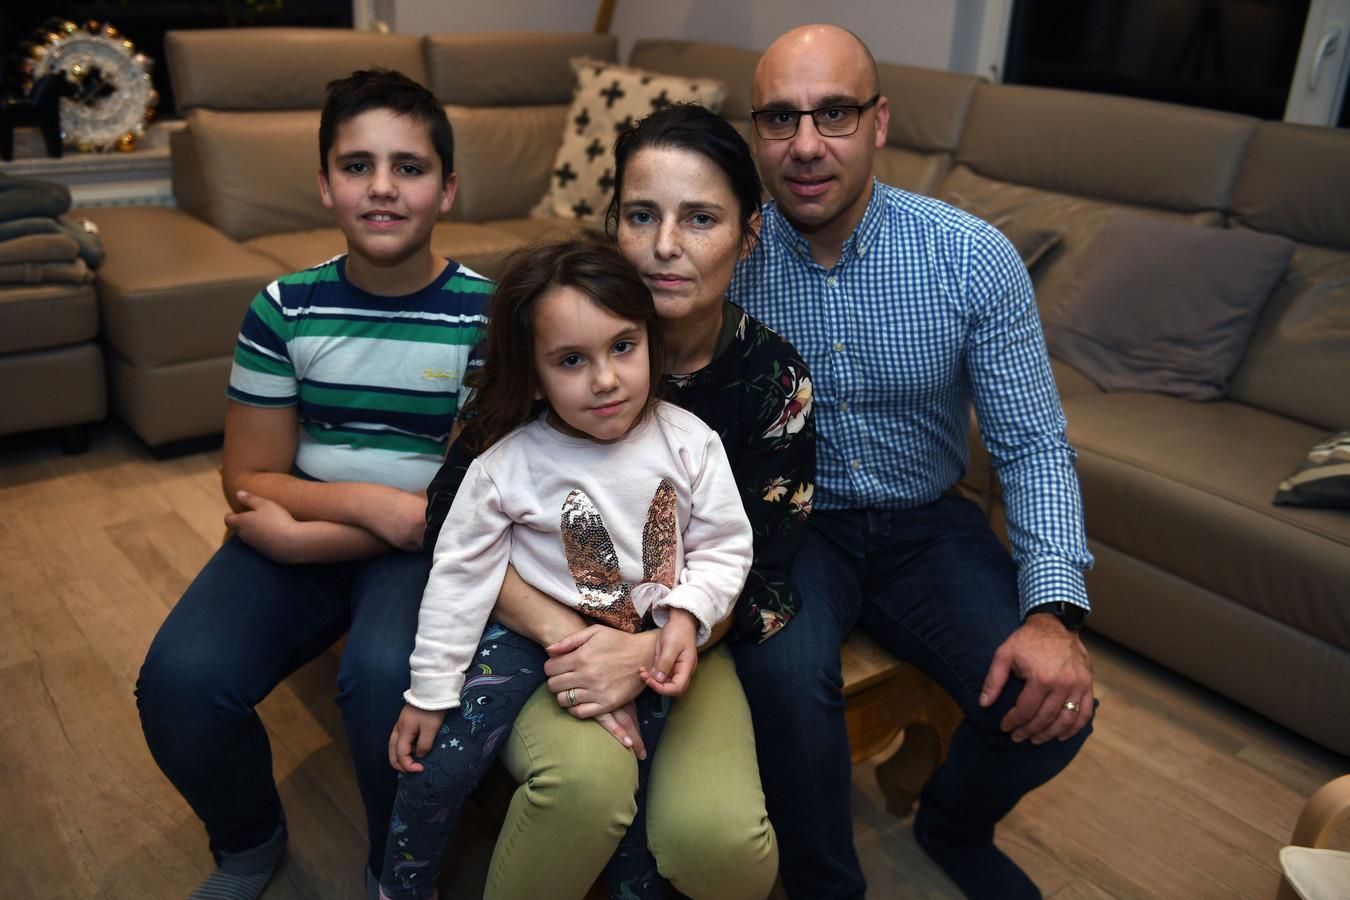 Valentina Grimaldo kreeg gisteren voor de laatste keer het medicijn Vimizim toegediend. Het meisje lijdt aan een zeldzame ziekte en zal de komende weken en maanden verder aftakelen.